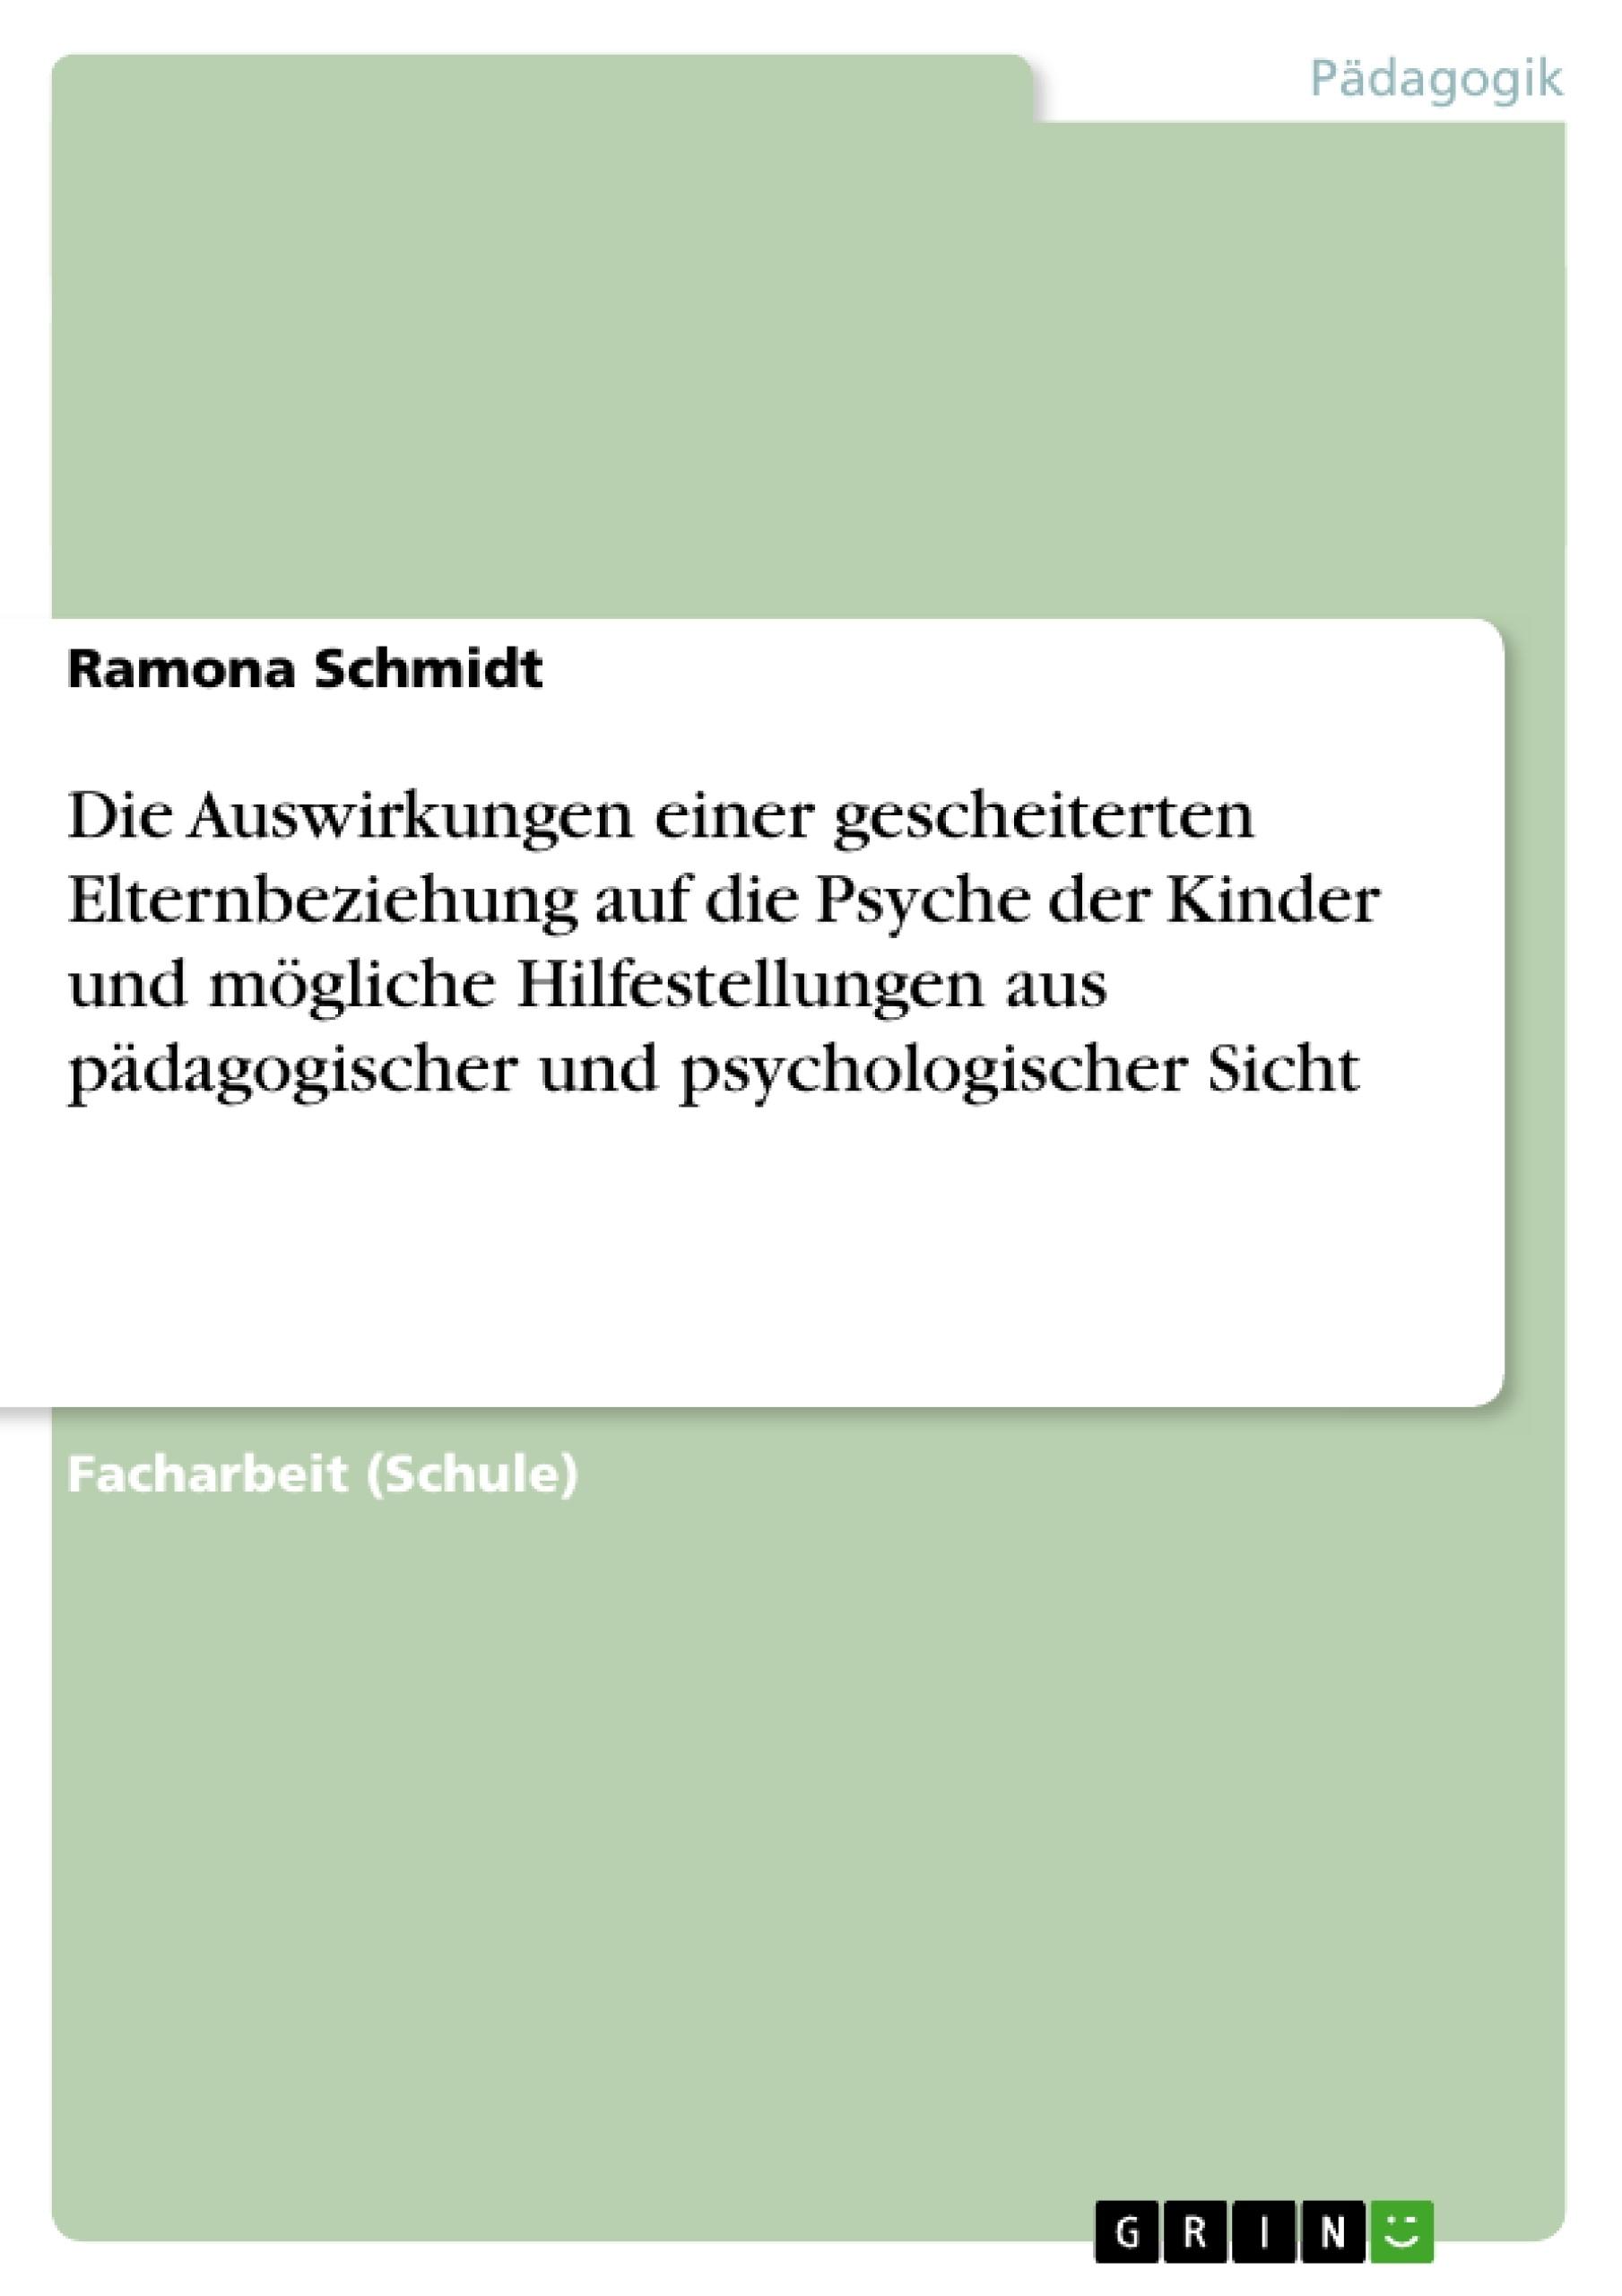 Titel: Die Auswirkungen einer gescheiterten Elternbeziehung auf die Psyche der Kinder und mögliche Hilfestellungen aus pädagogischer und psychologischer Sicht